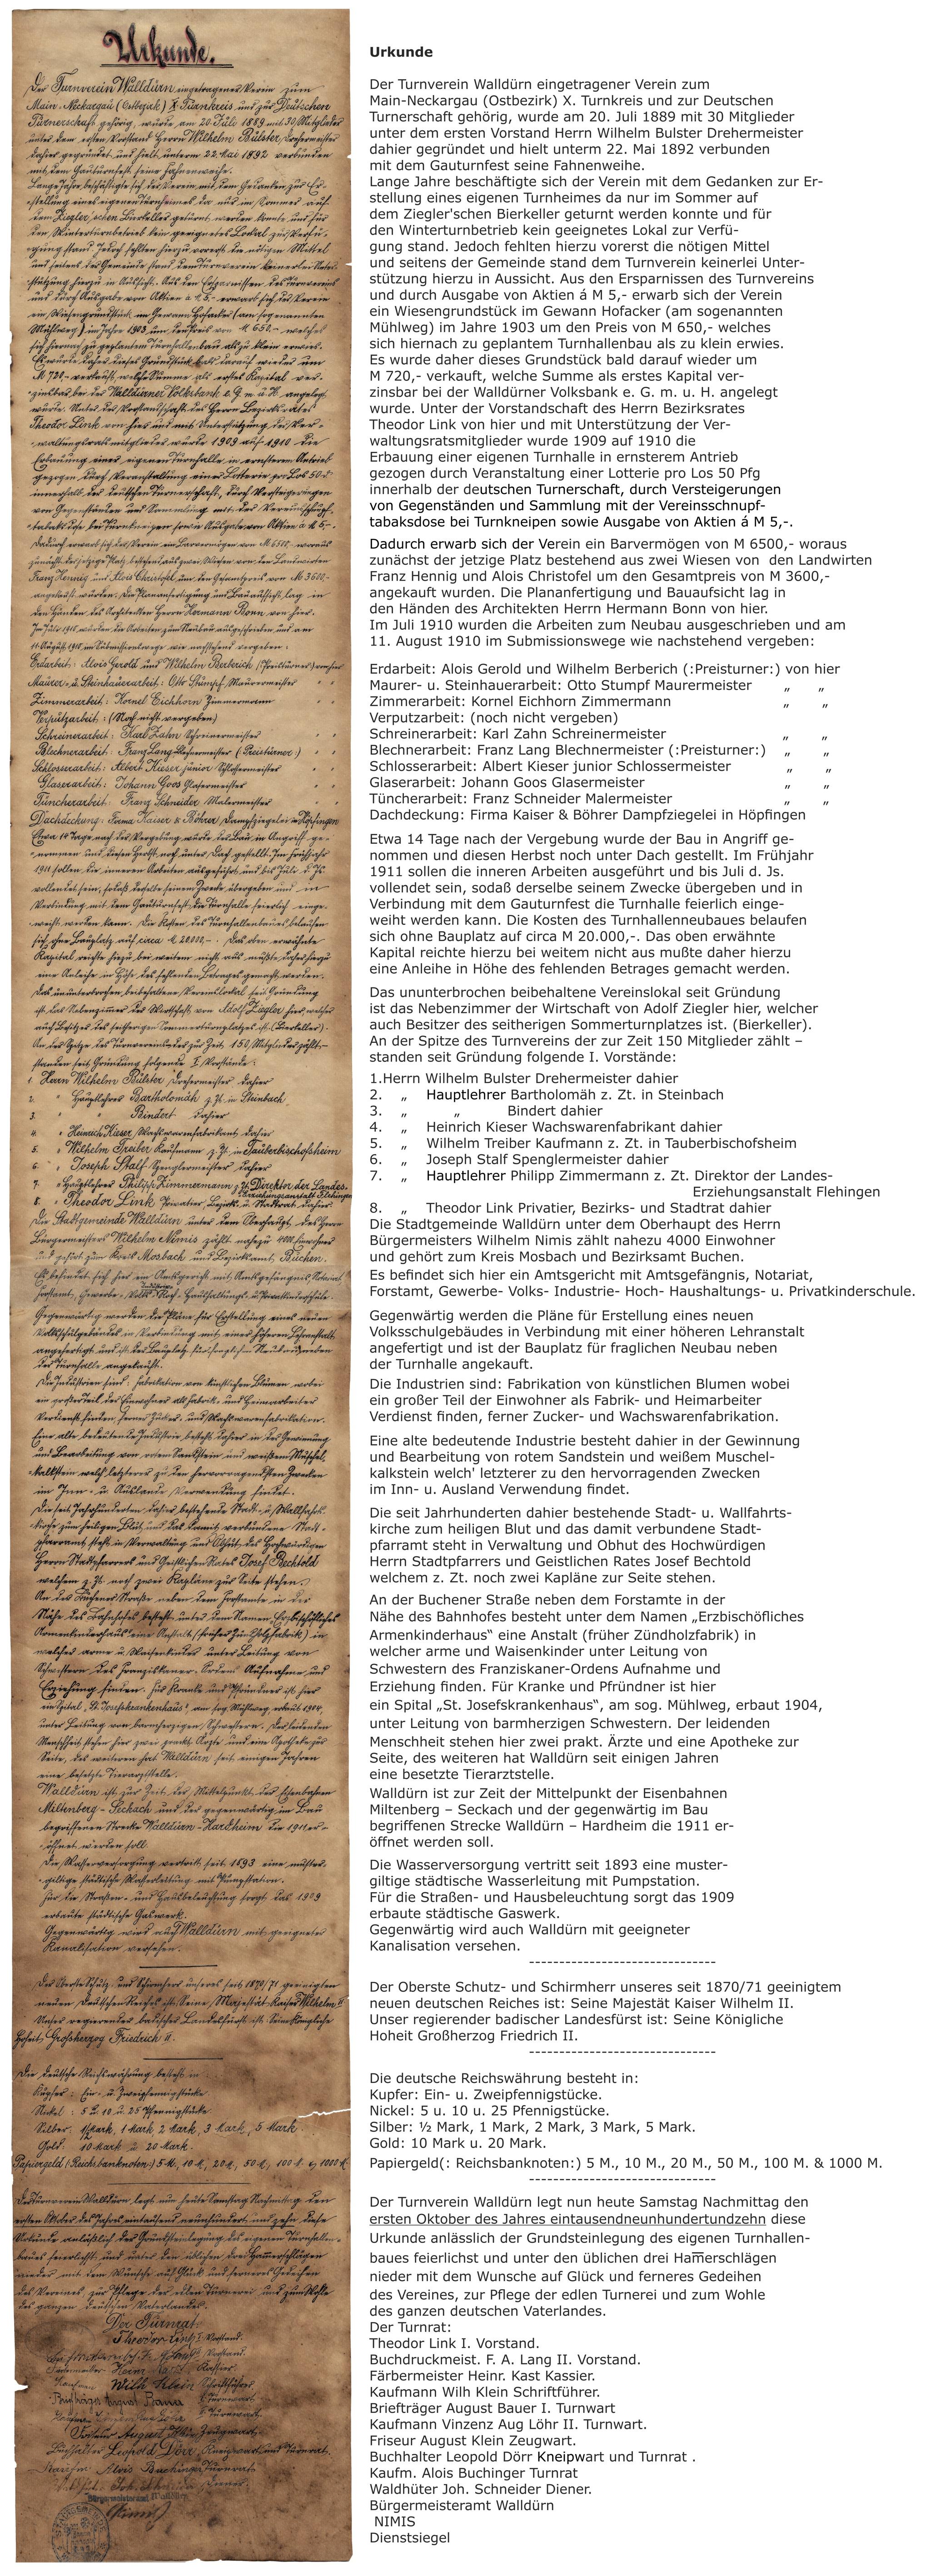 Urkunde aus dem Zeitkapselfund Turnhalle Keimstrasse mit Lateinschrift